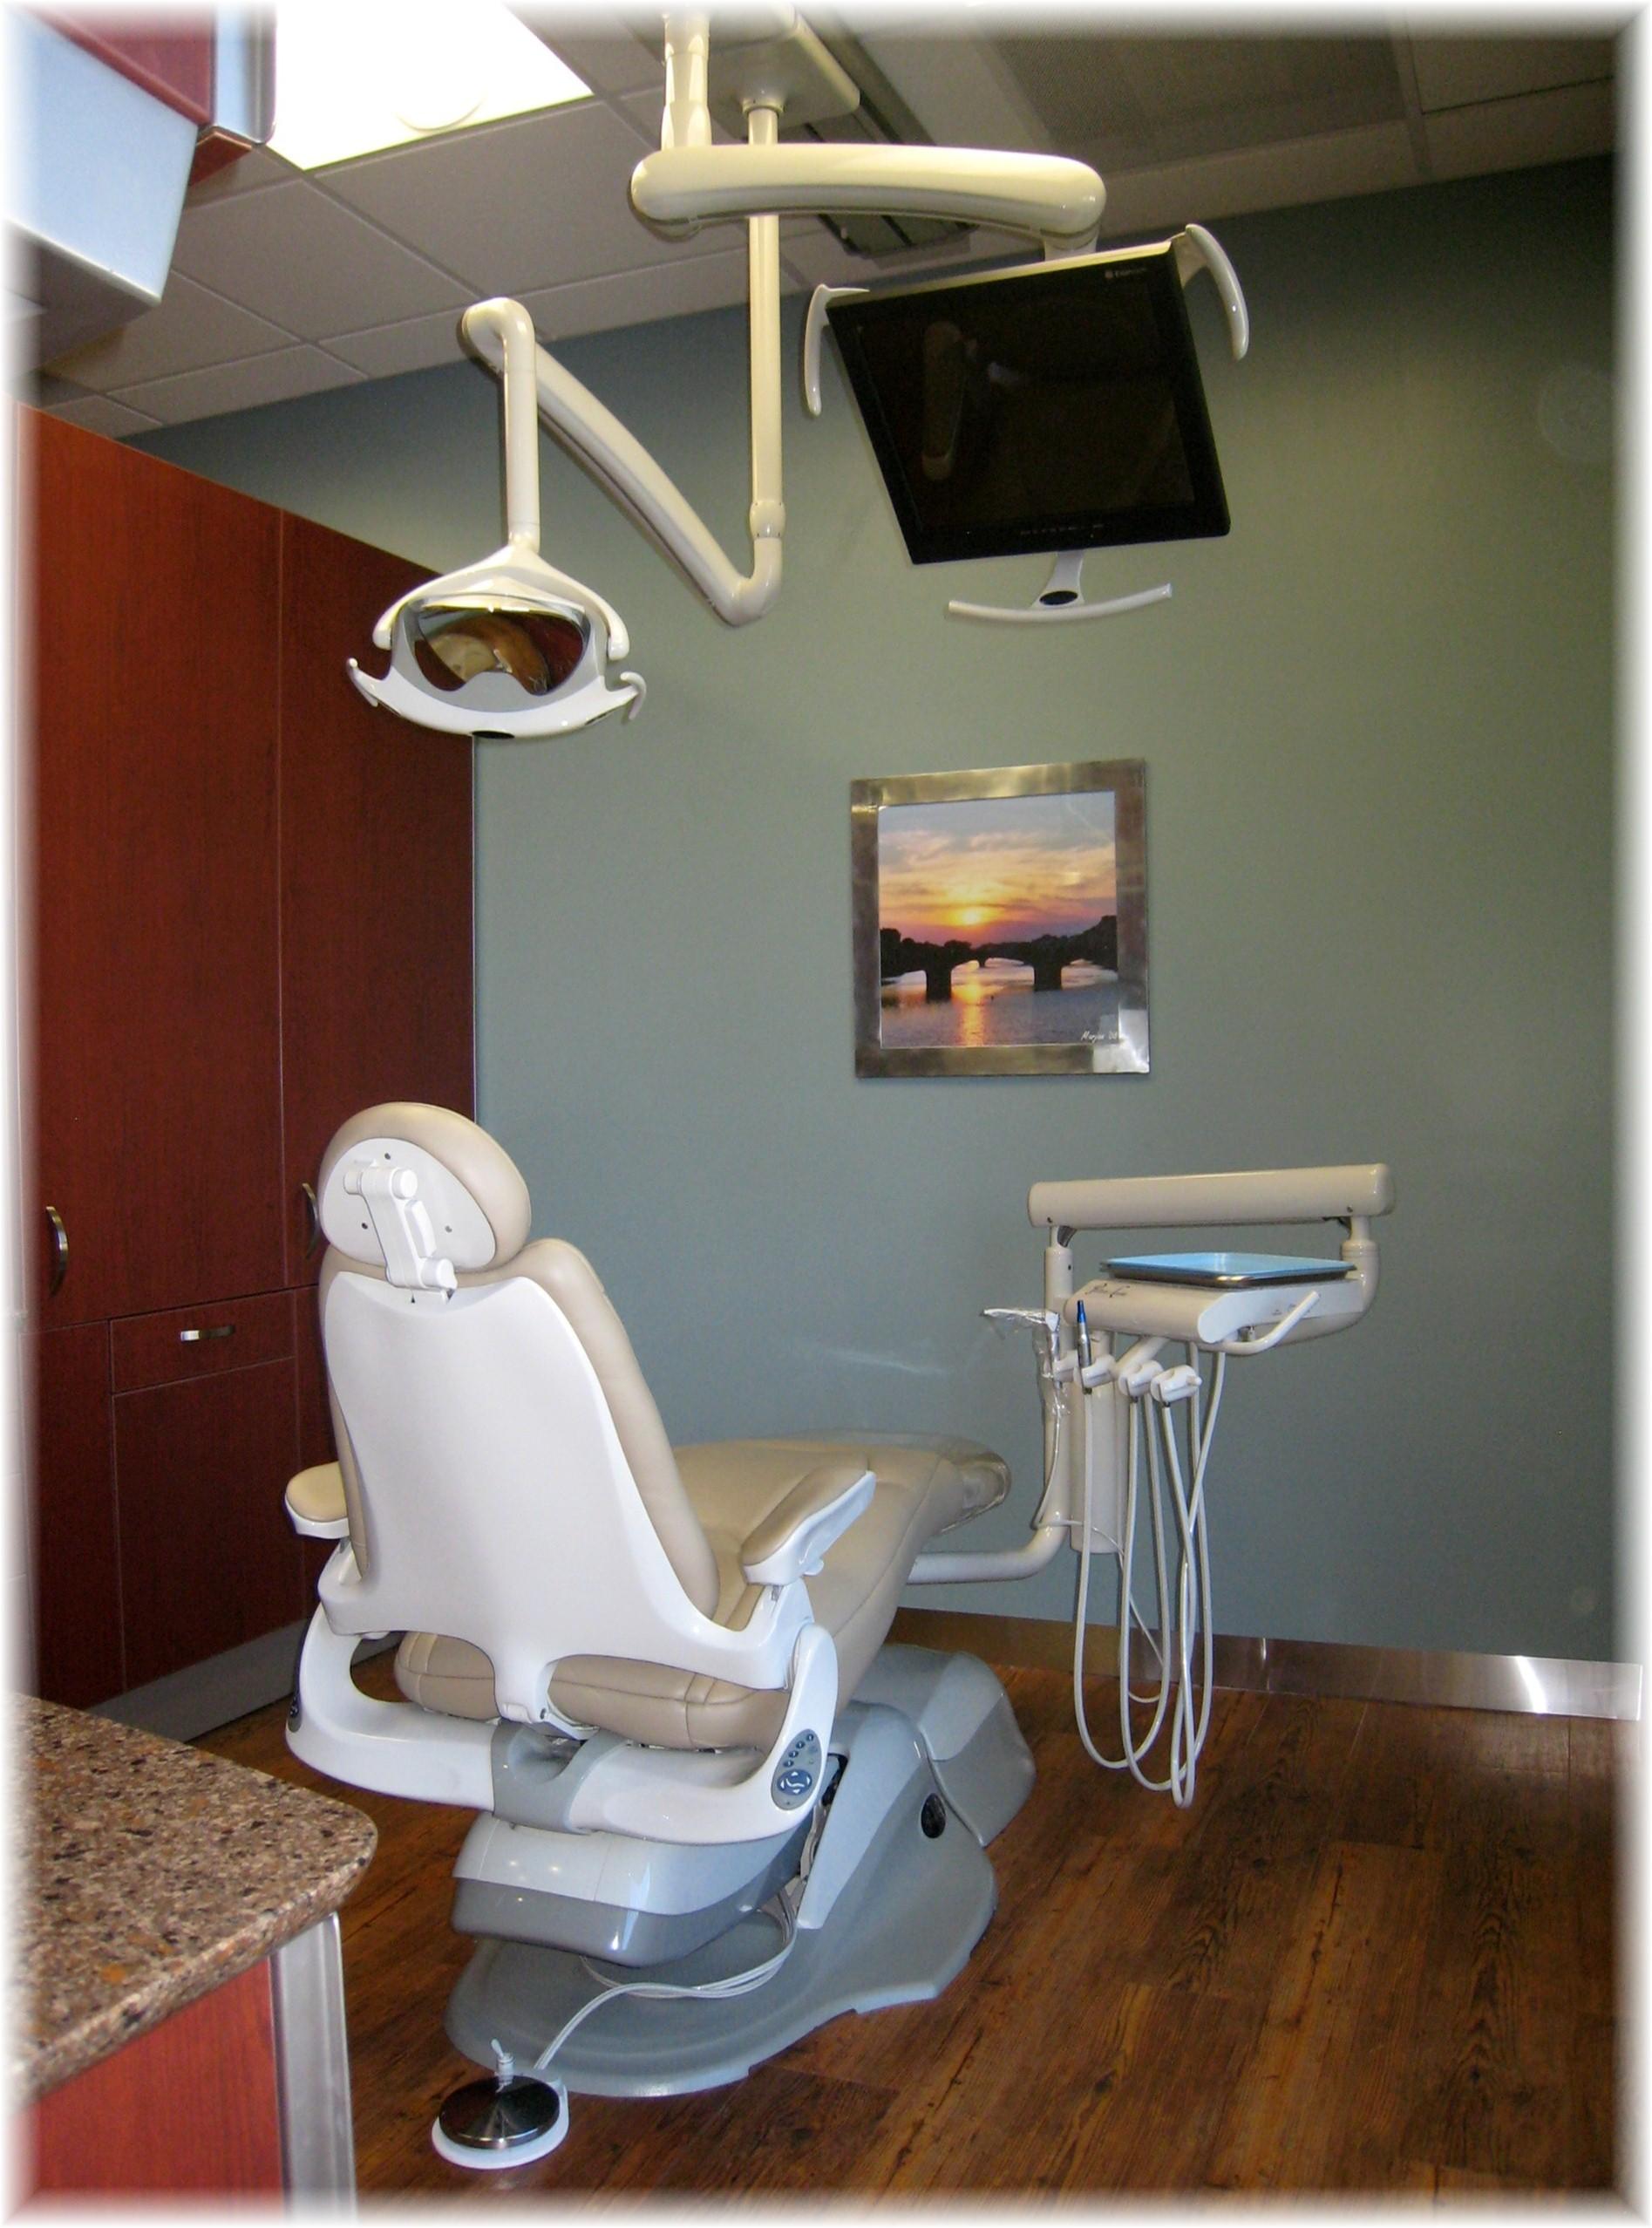 Overhead Patient Monitors